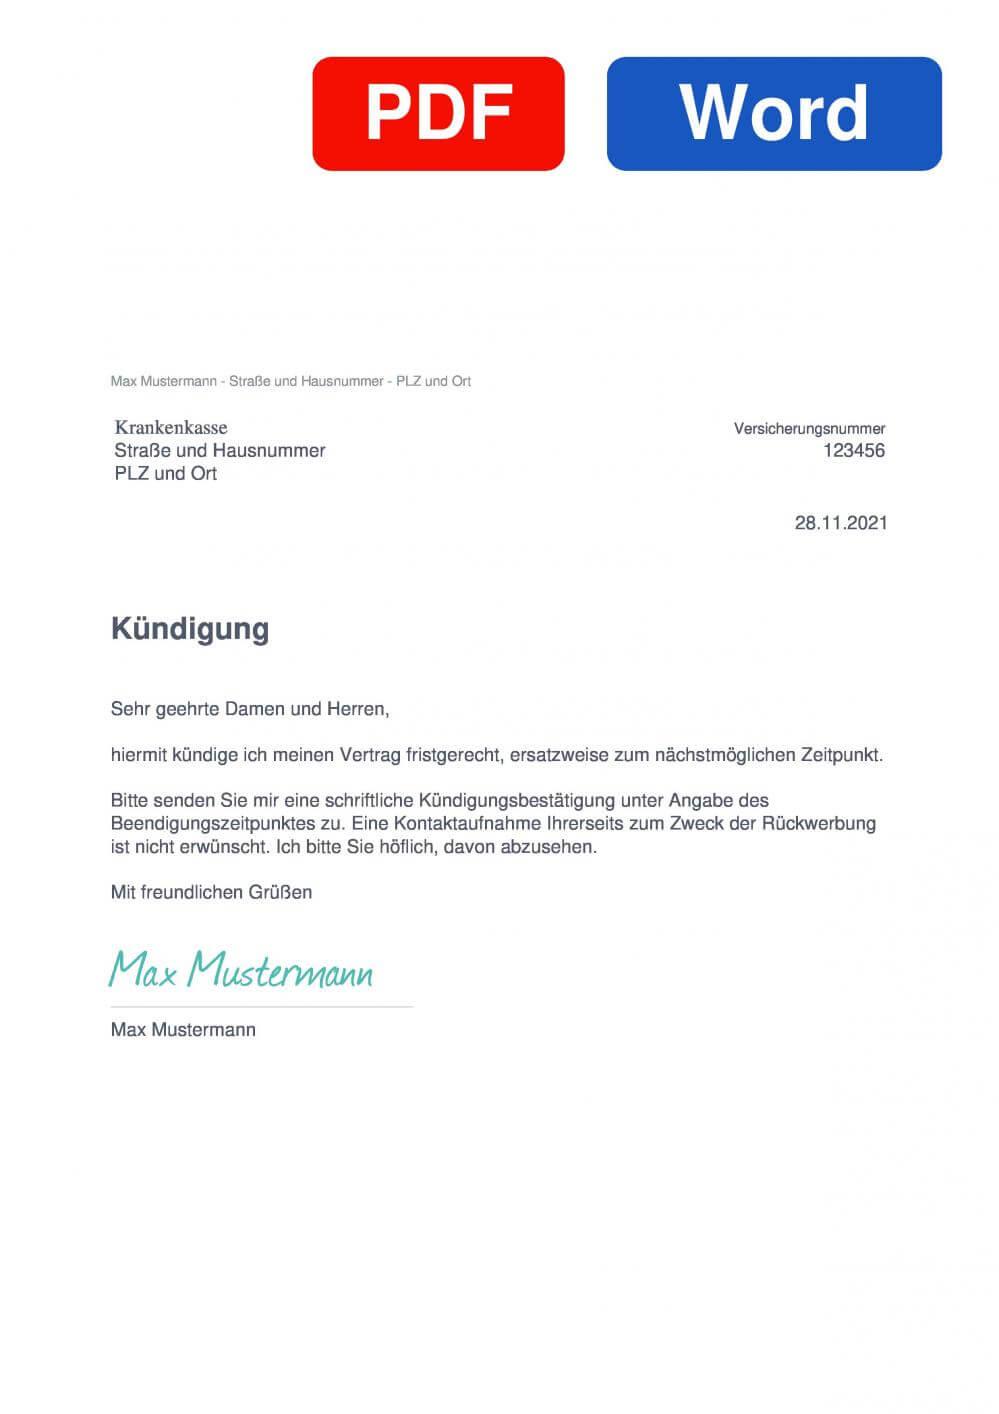 Krankenkasse Muster Vorlage für Kündigungsschreiben